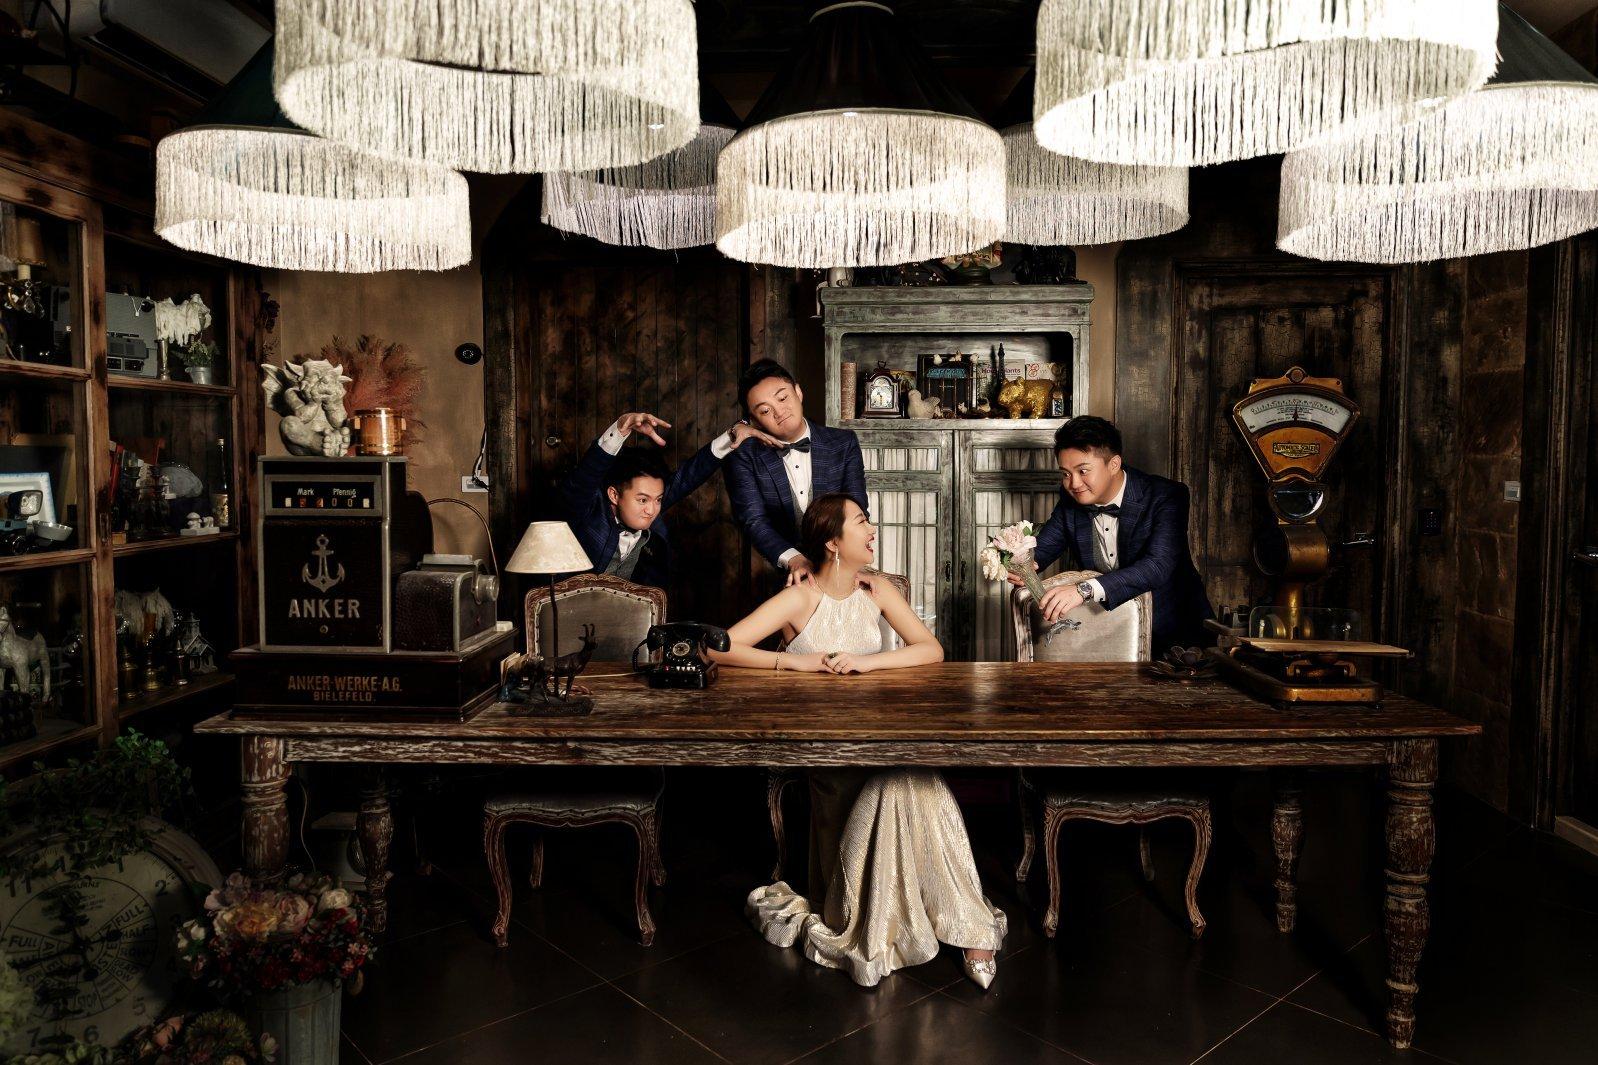 影分身婚紗照,分身婚紗照,趣味婚紗照,高雄婚紗工作室